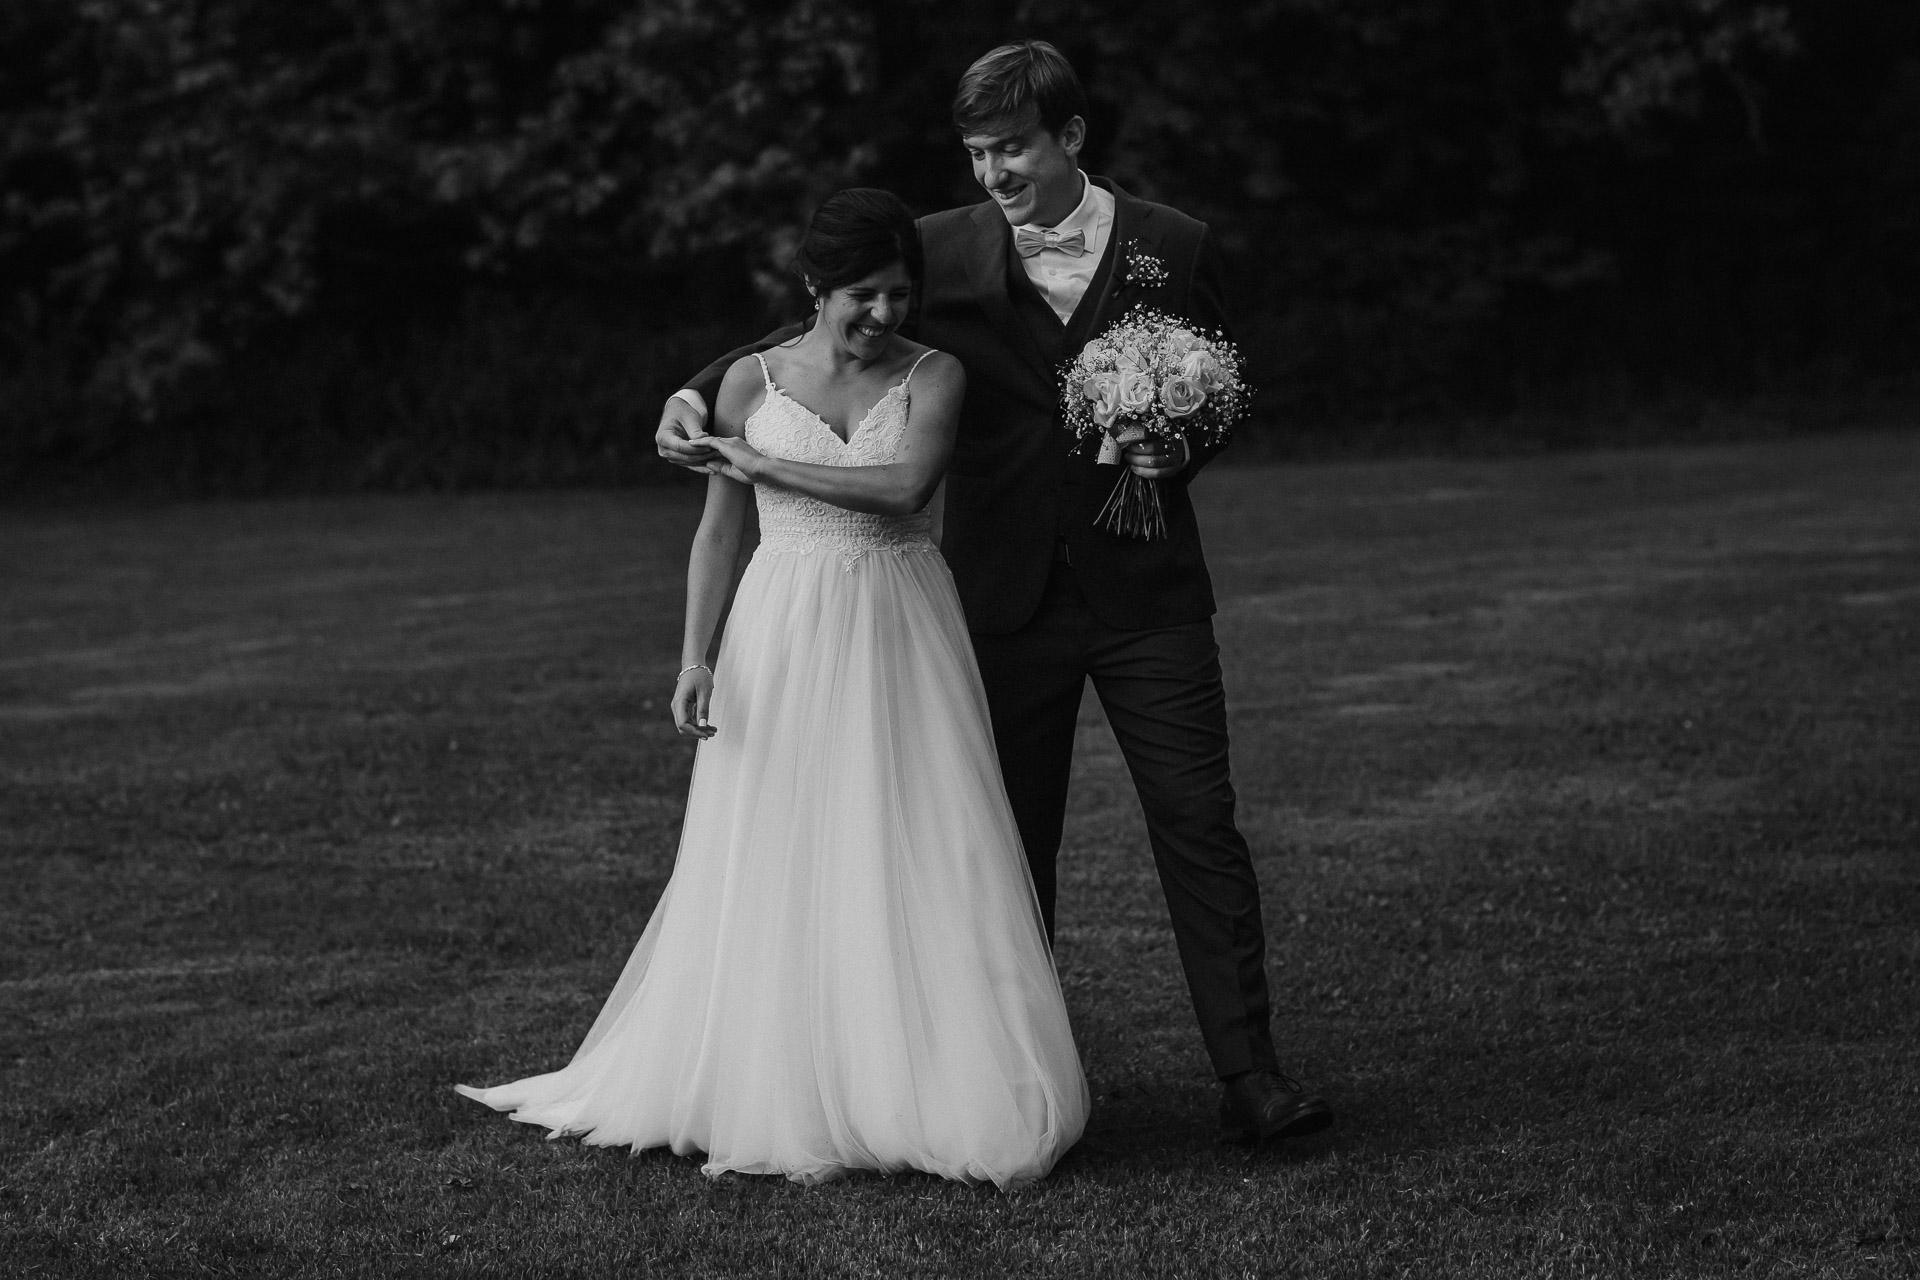 fotografo de bodas, casamientos, norman parunov